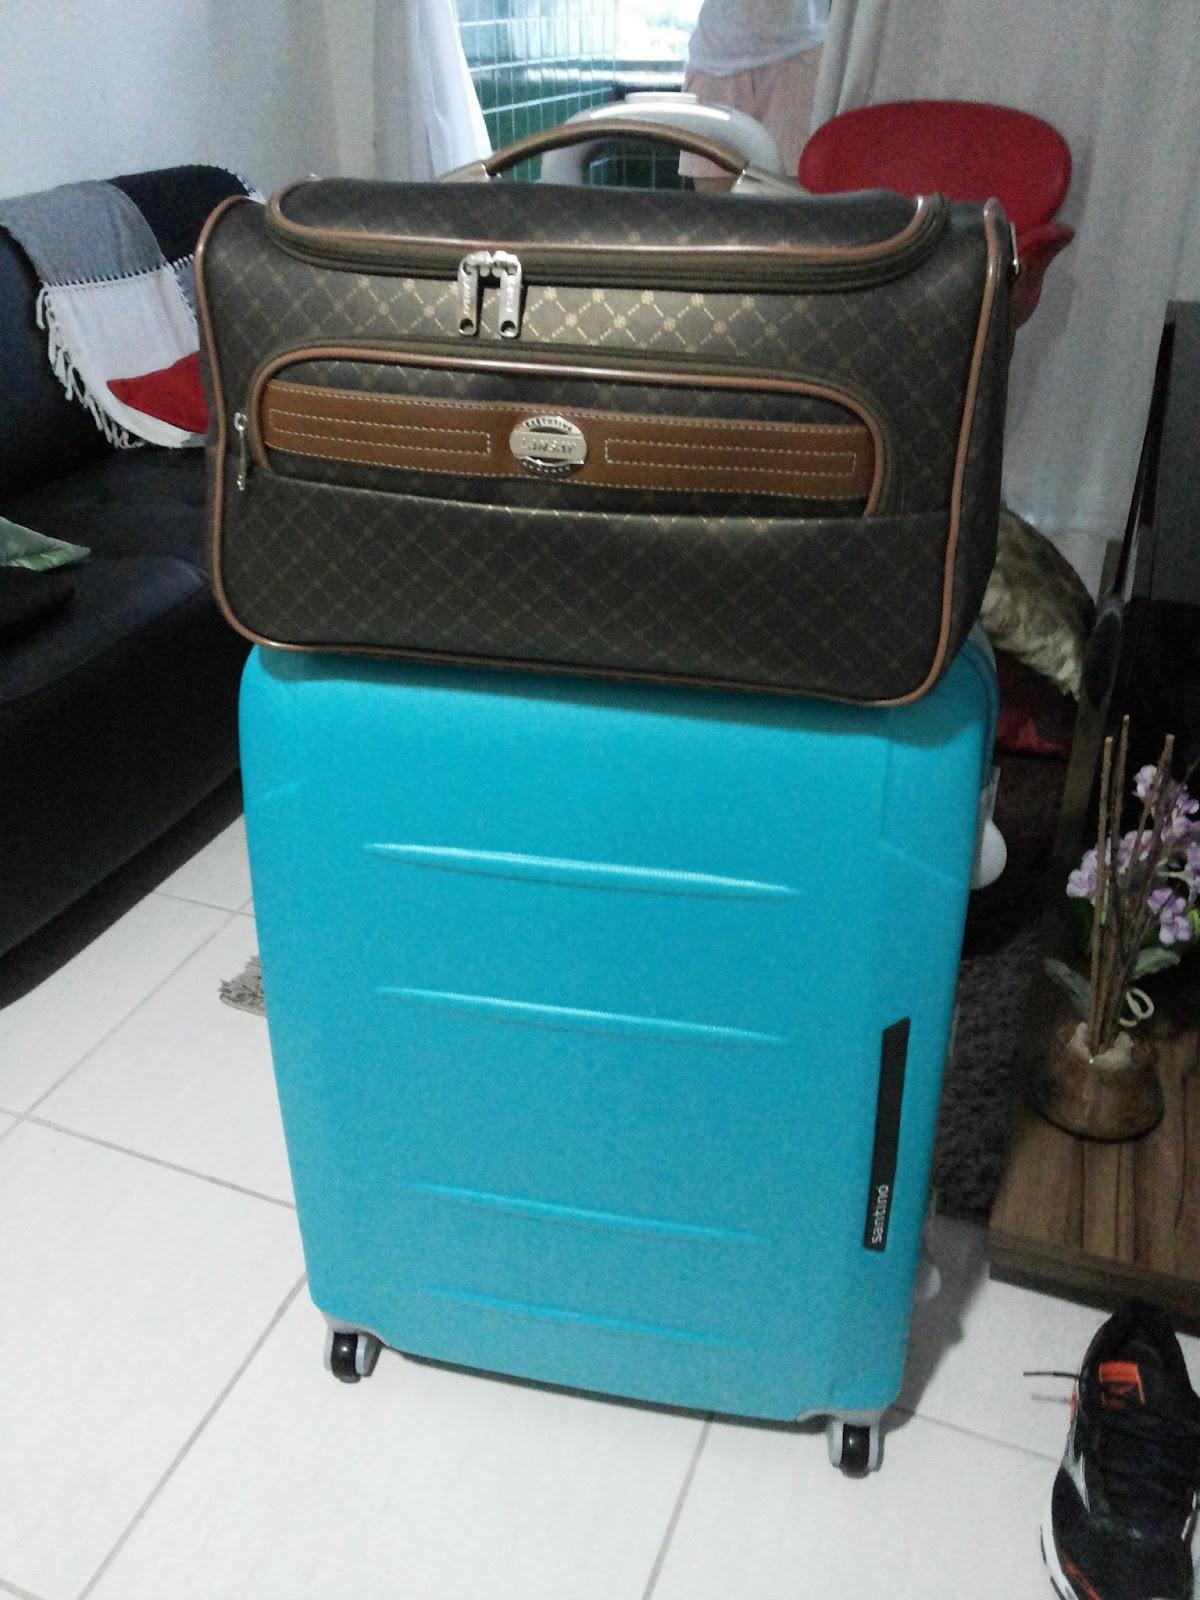 Na bagagem de mão (mochila) estou levando meus documentos e pertences  #179FB4 1200x1600 Balança Banheiro Boa